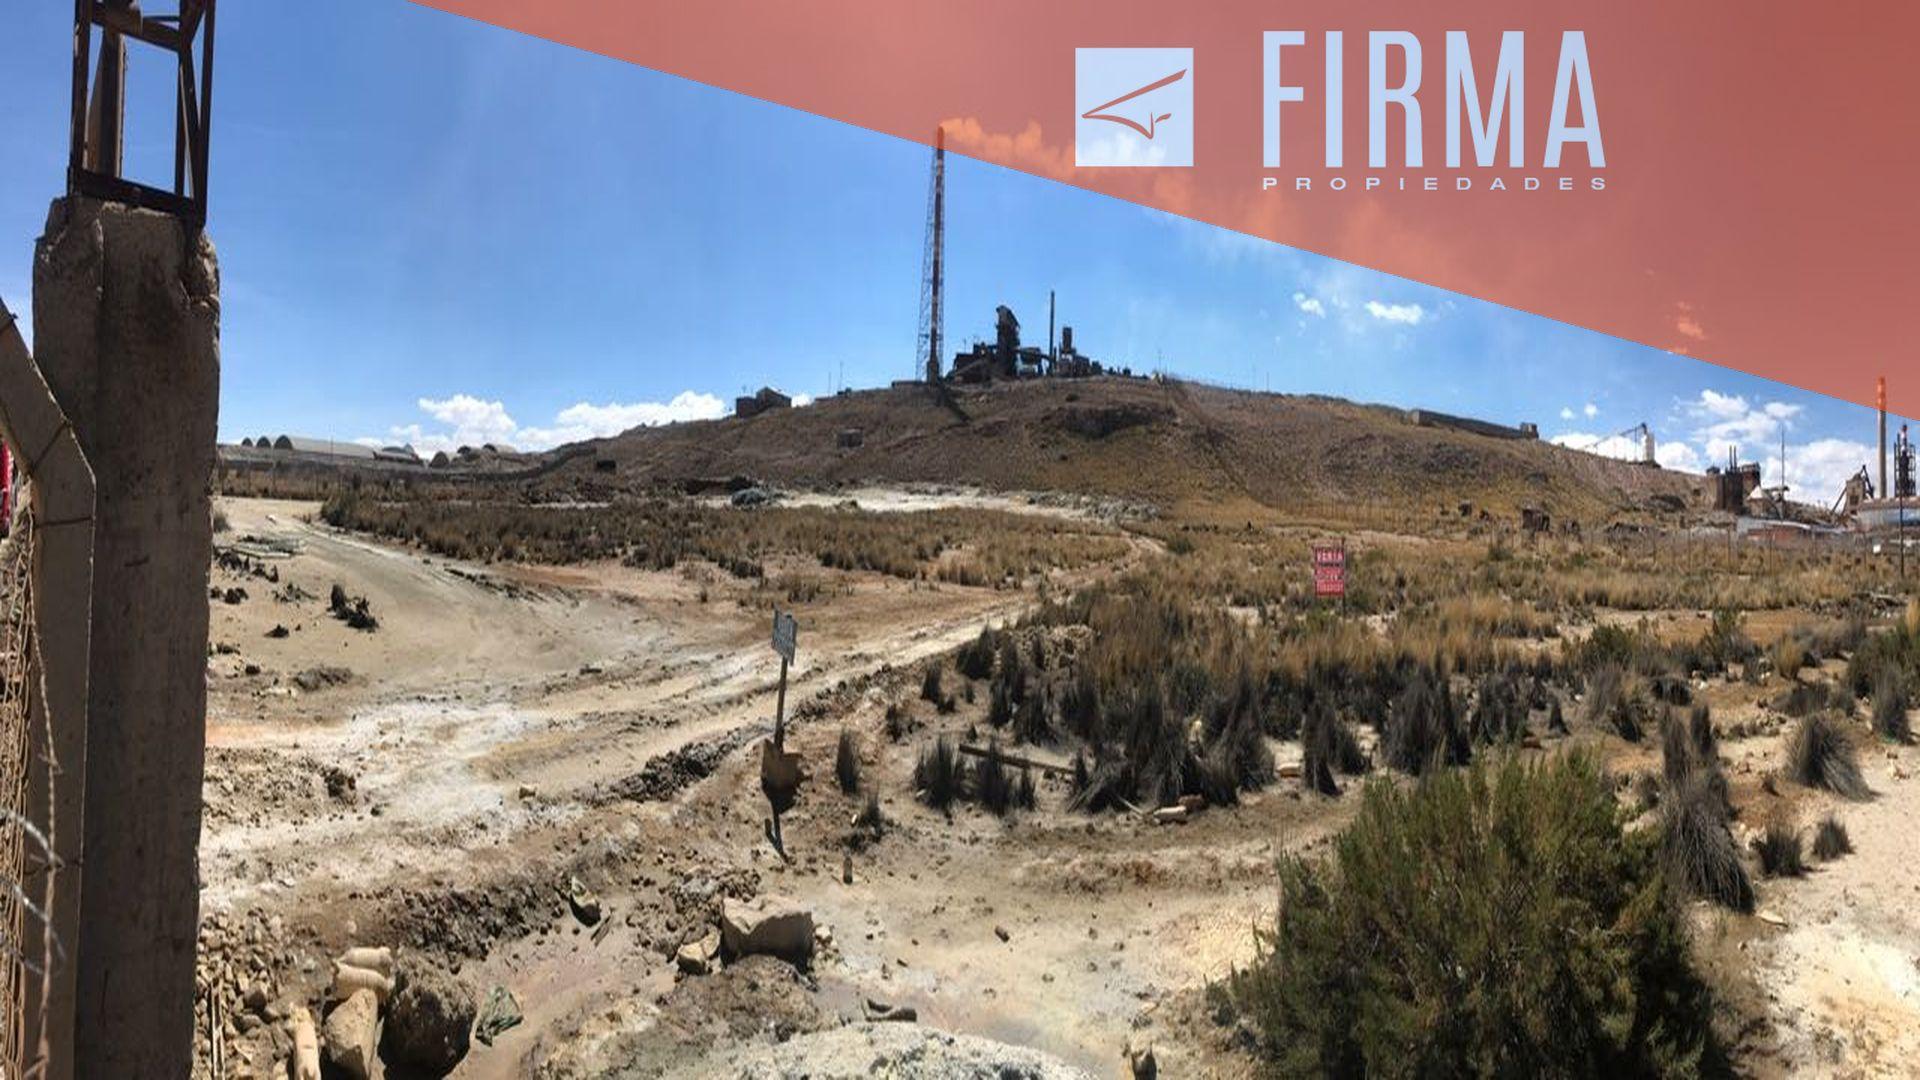 Terreno en Venta FTV18524 – COMPRA ESTE TERRENO INDUSTRIAL EN ORURO Foto 3